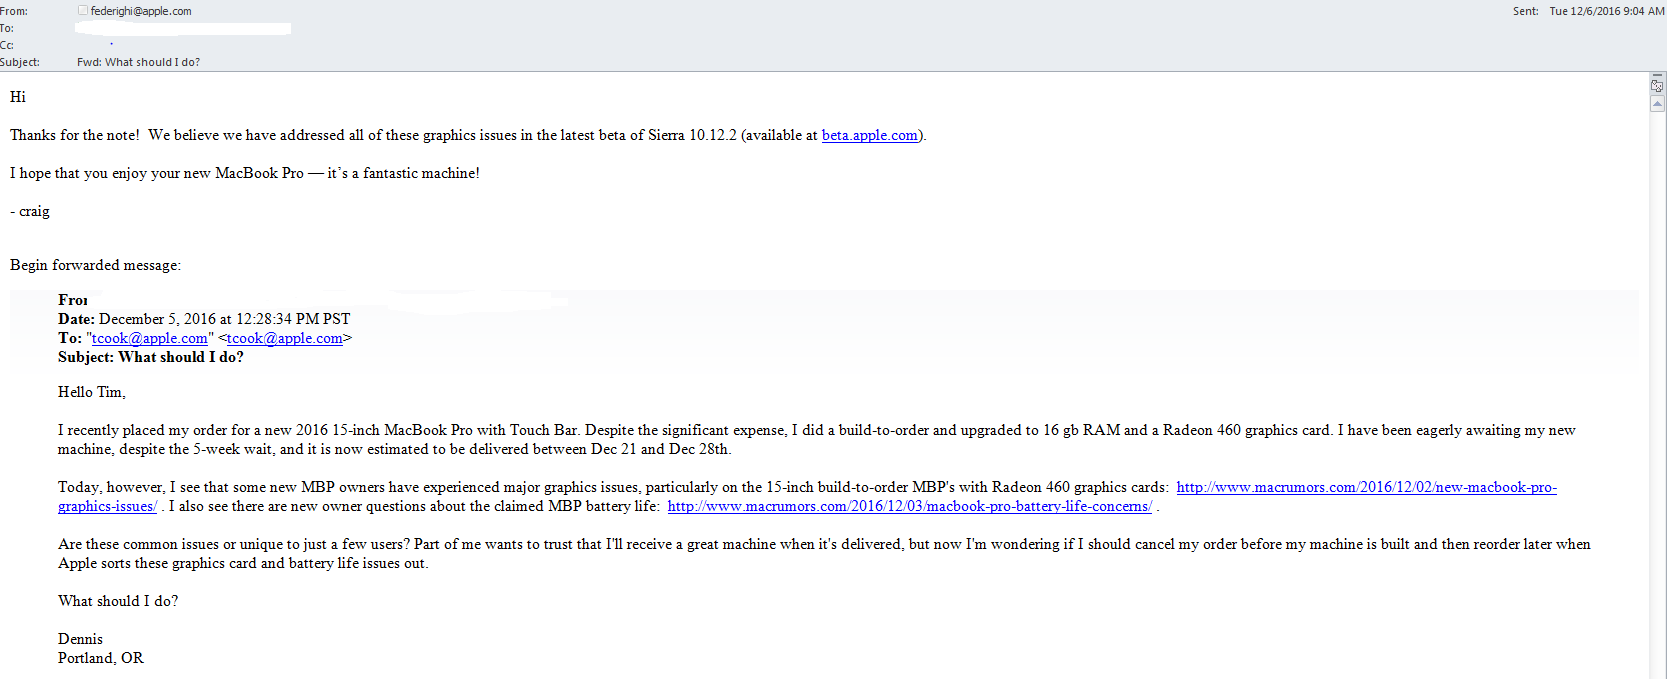 De e-mail waarin